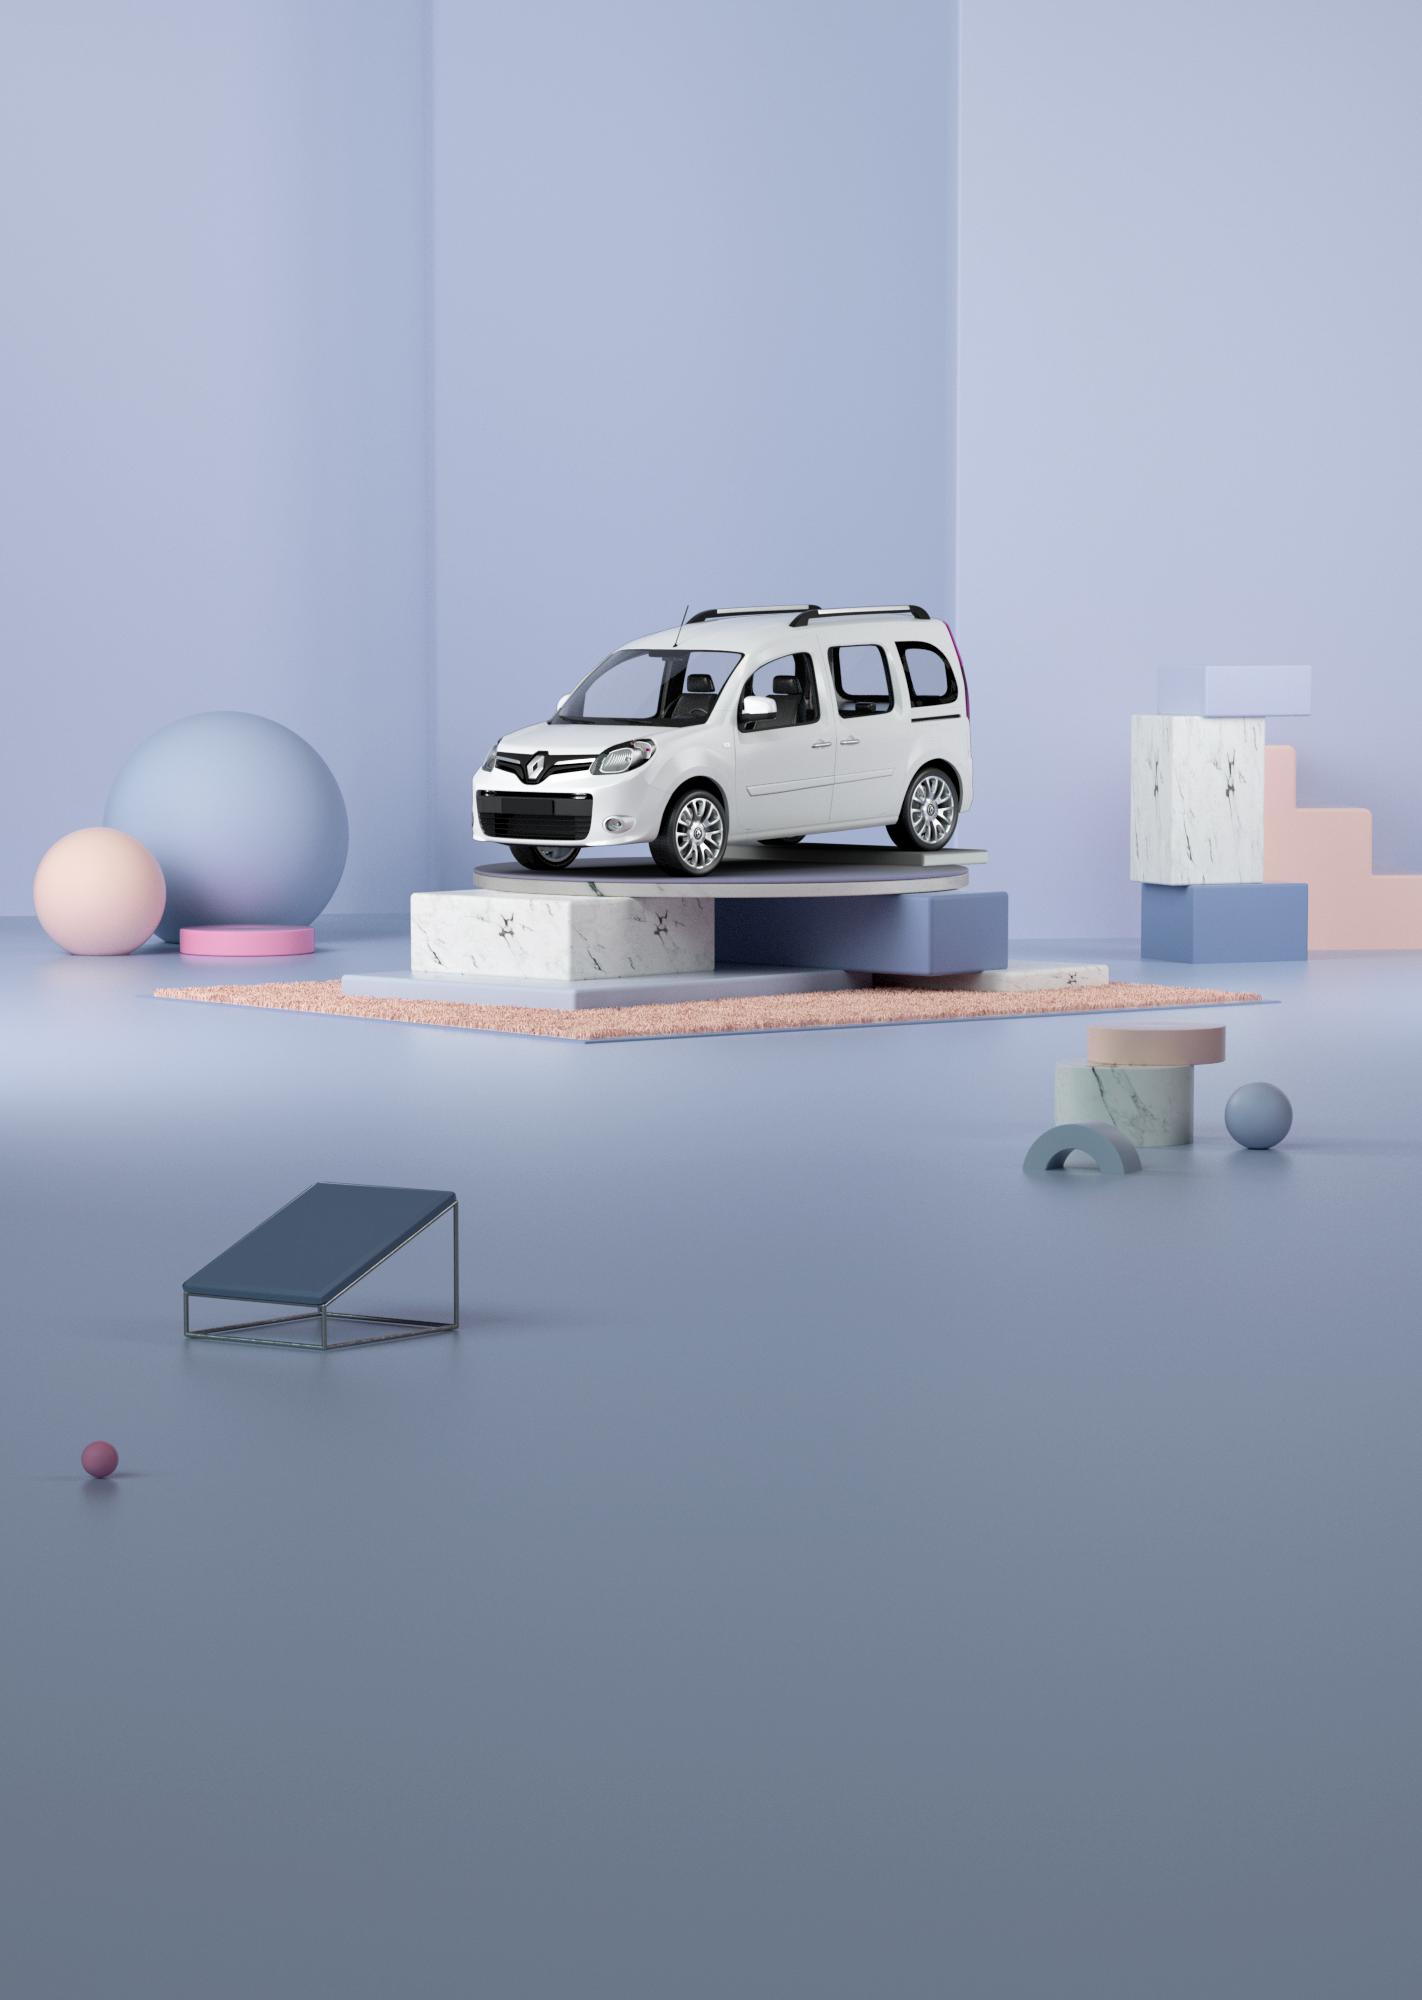 Cars_bankia_Kia_Renault_kangoo_13.png